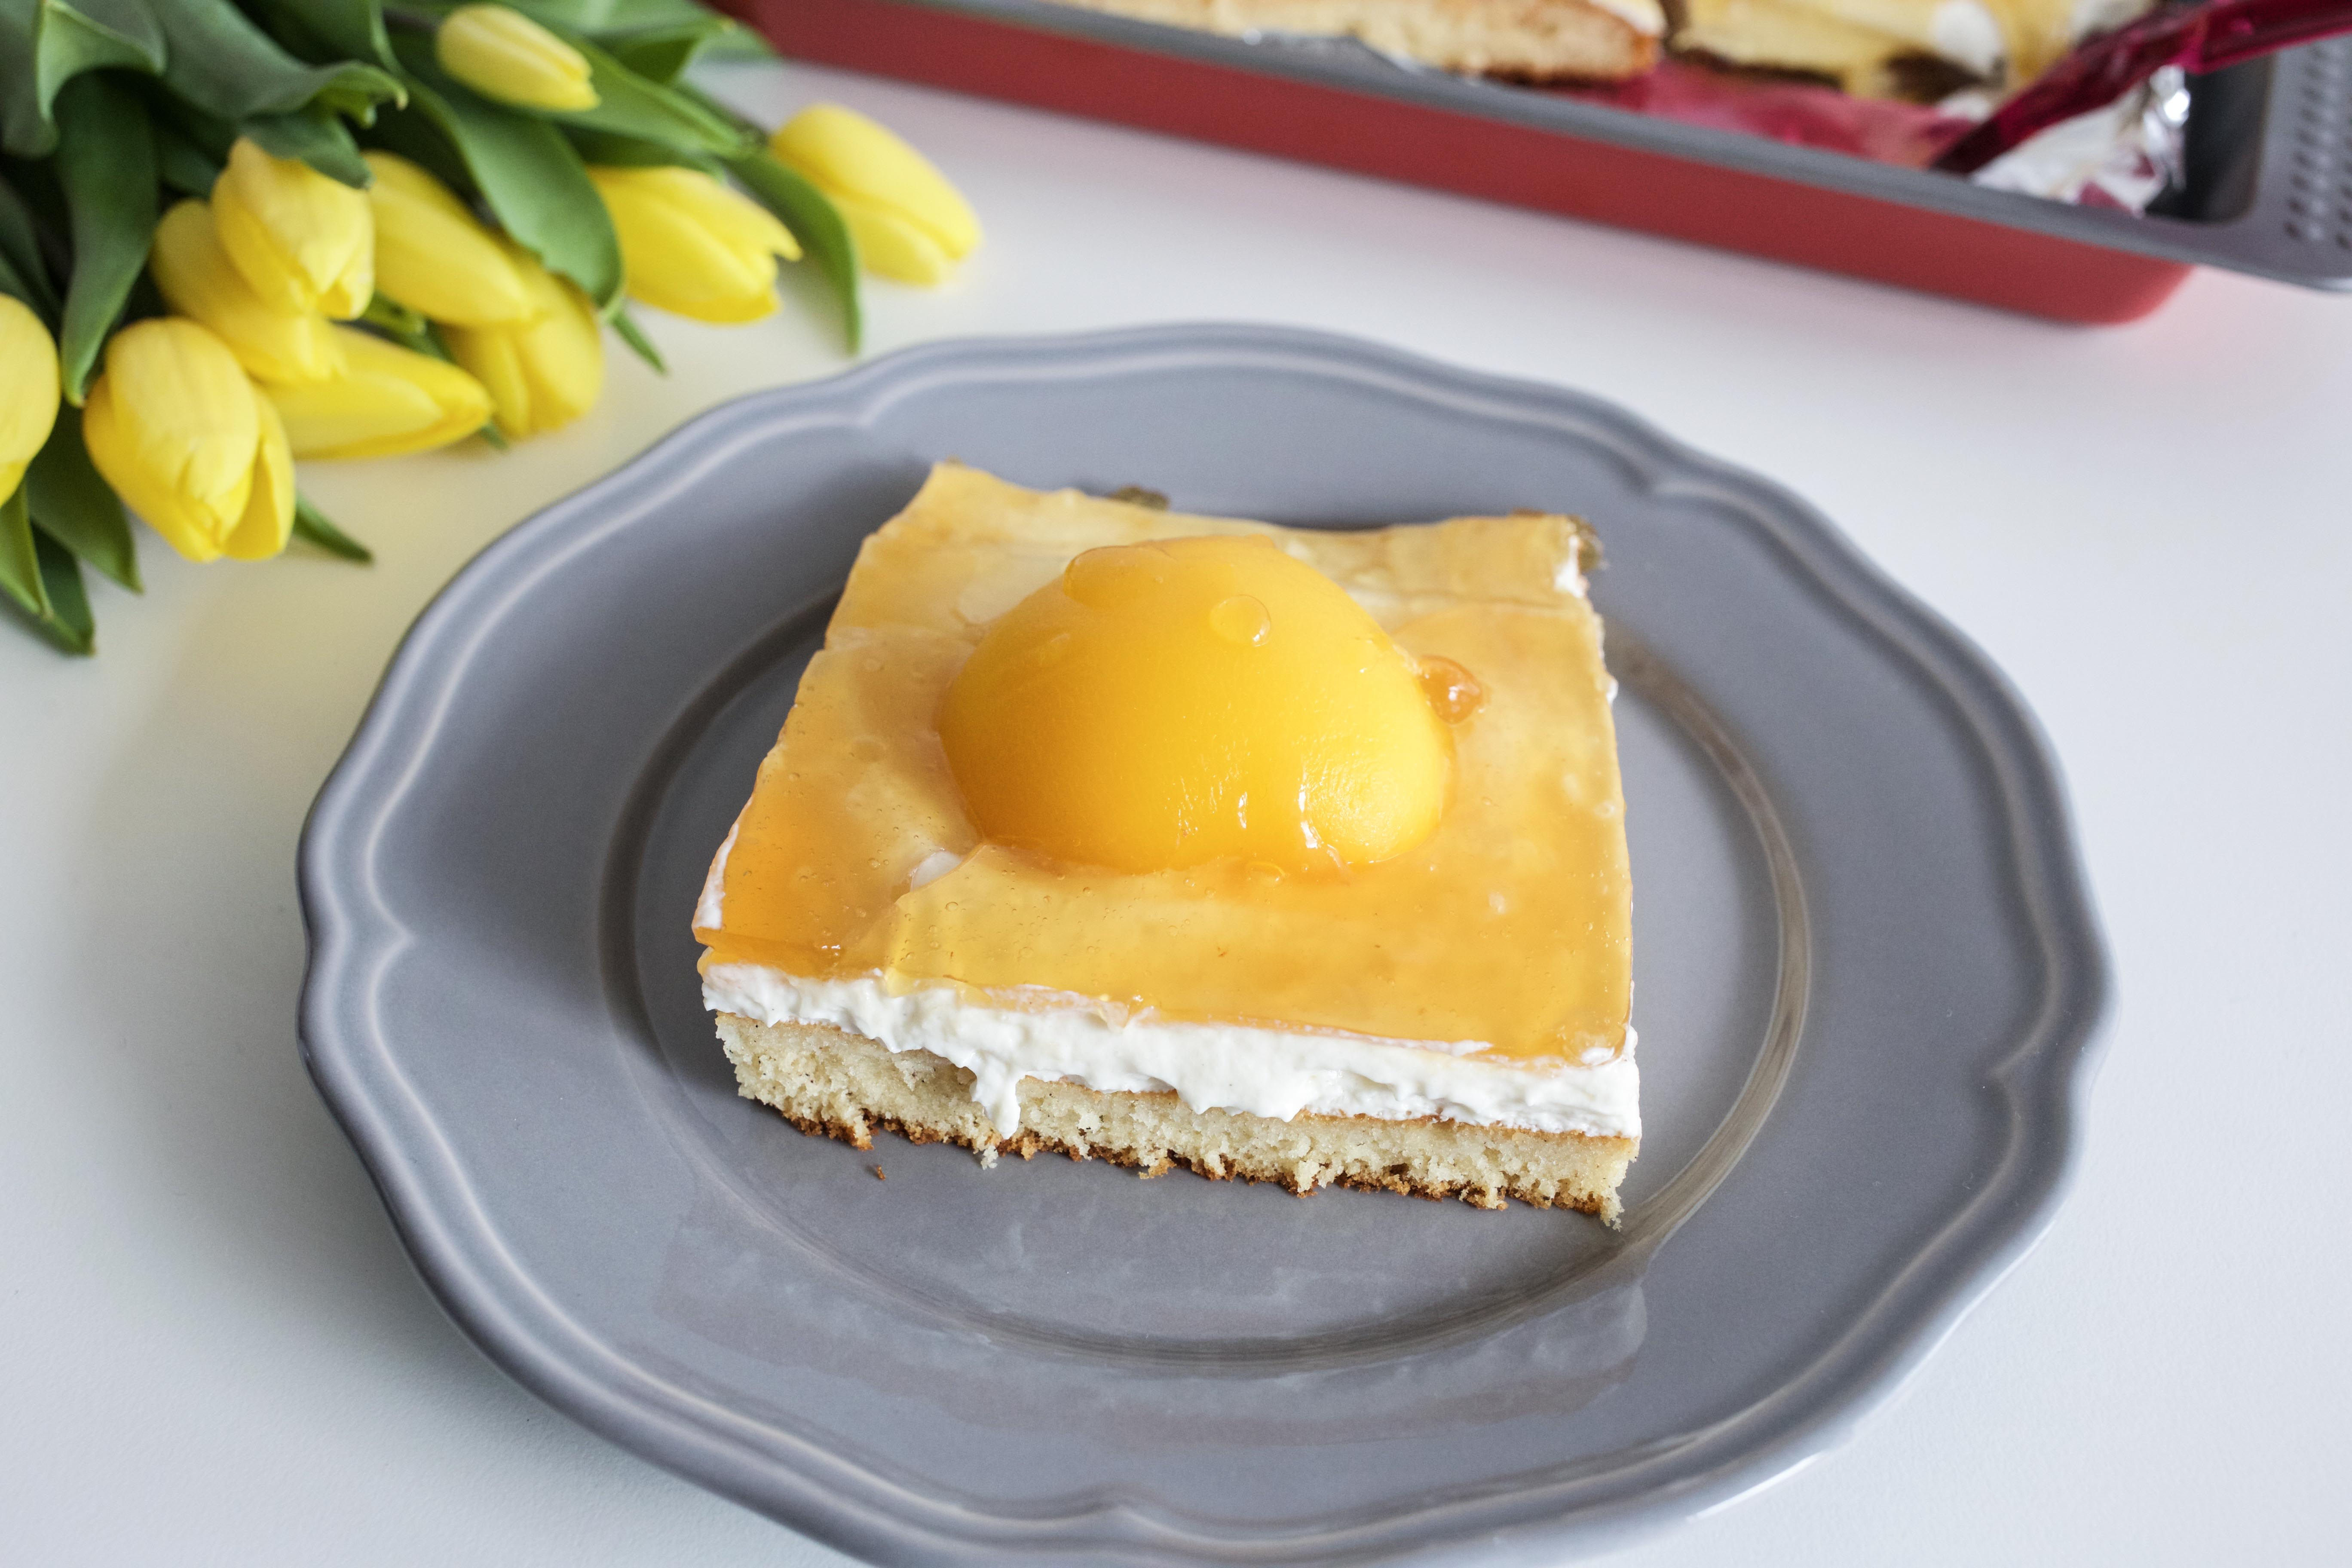 osterkuchen-spiegeleikuchen-rezept-ostern-dessert-rezeptidee-food_6473